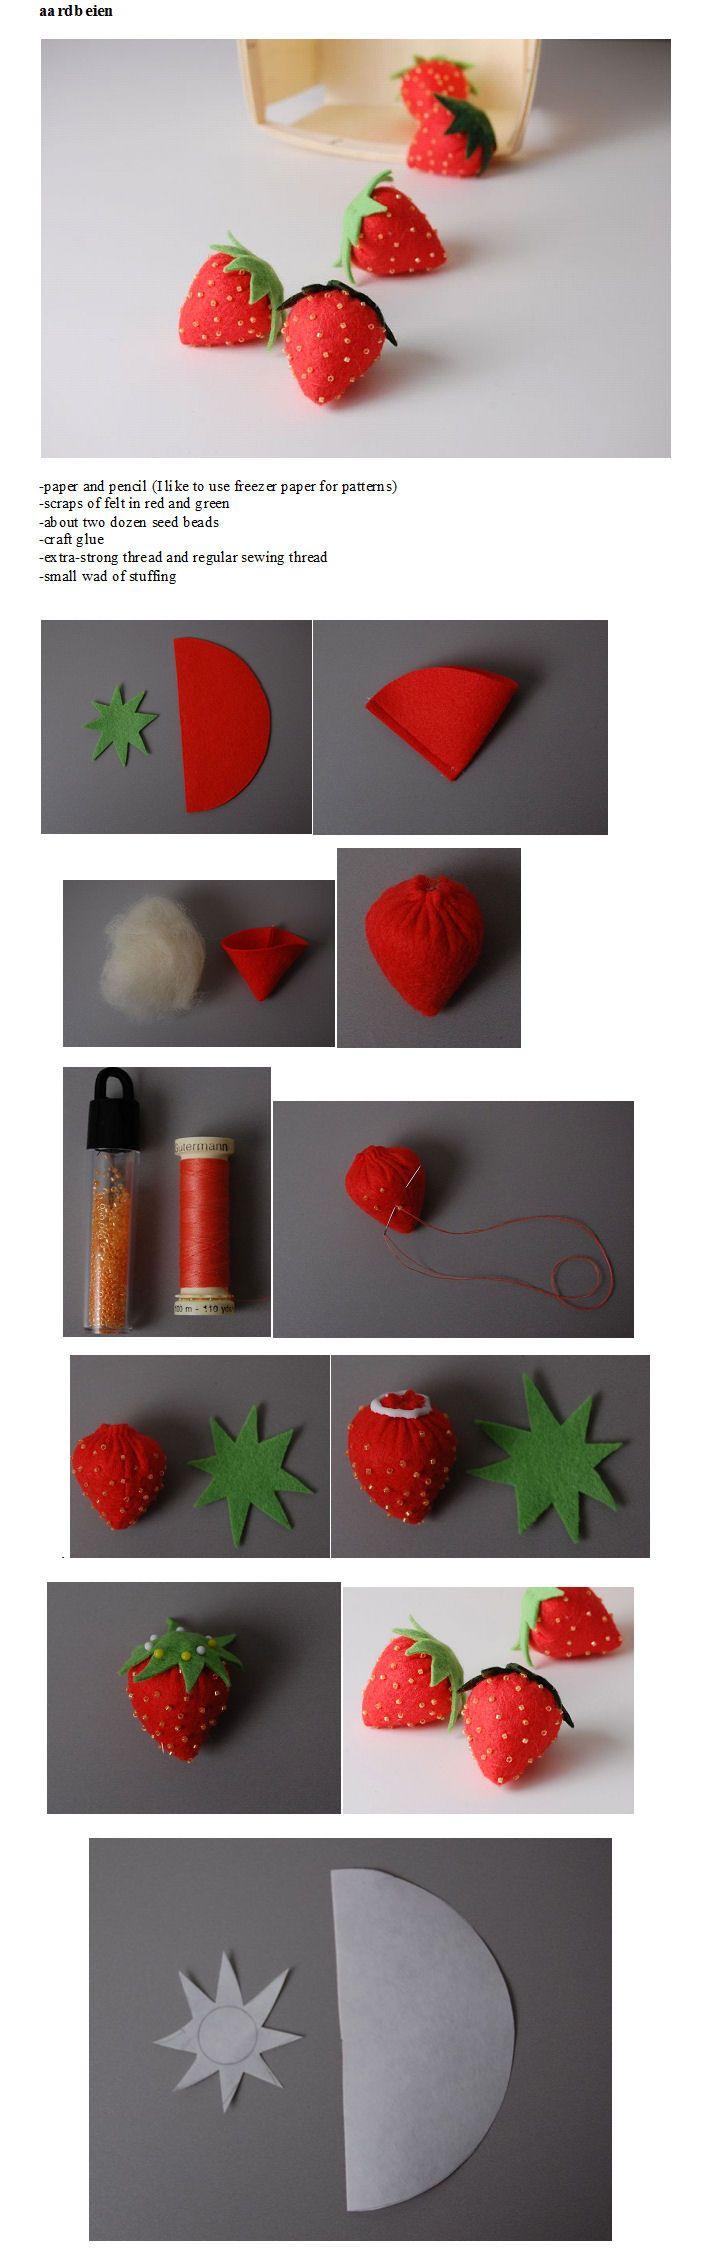 vilten aardbeien.